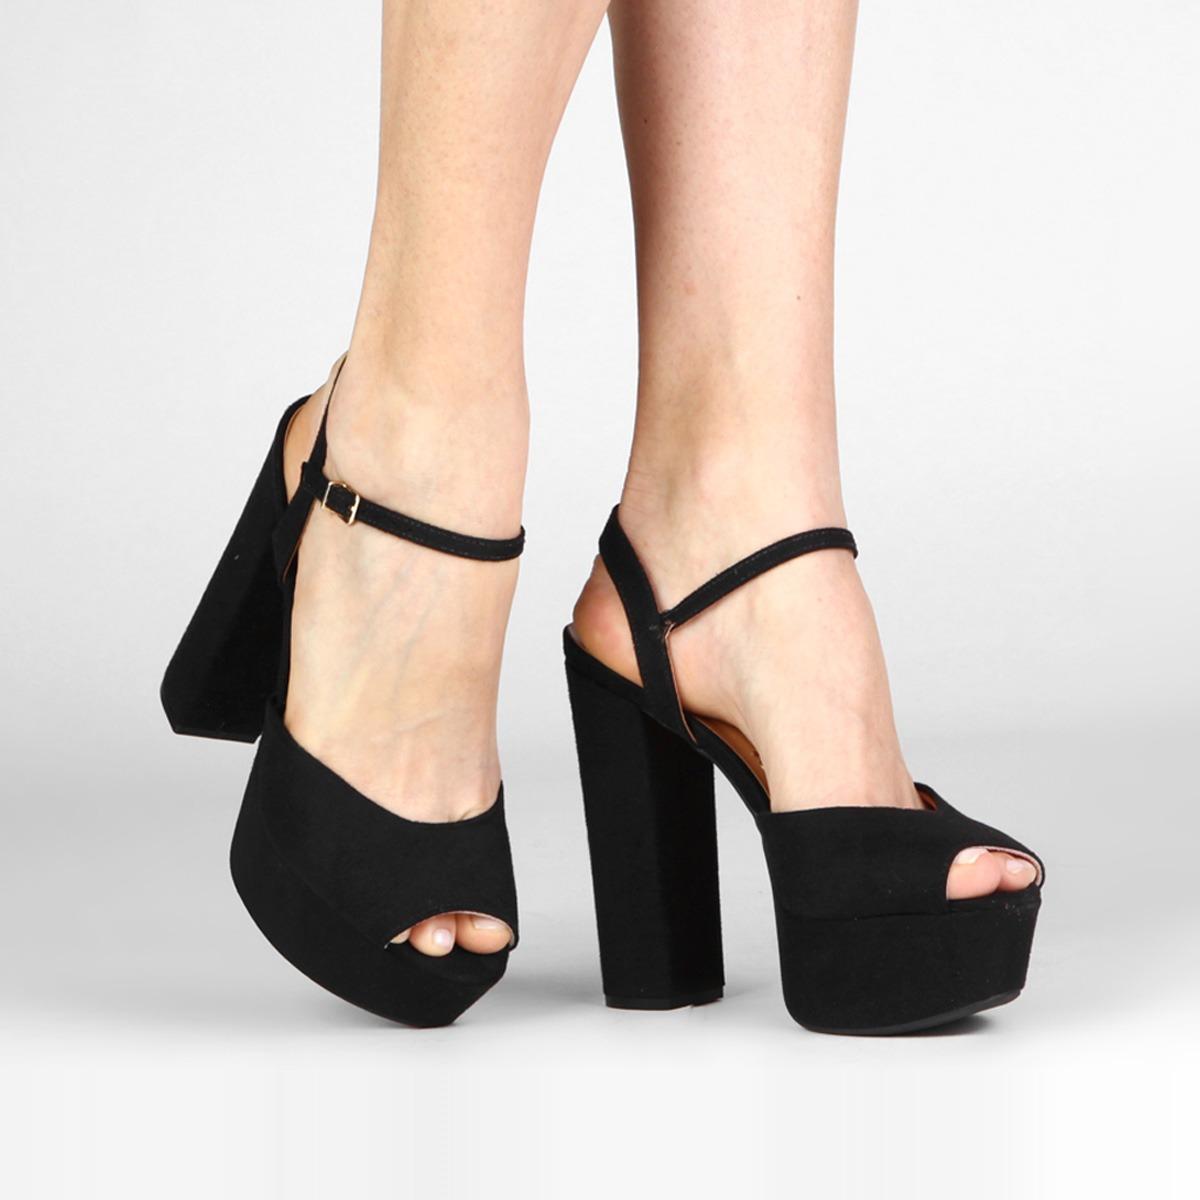 68733d565a sandalia feminina vizzano original salto alto grosso camurça. Carregando  zoom.